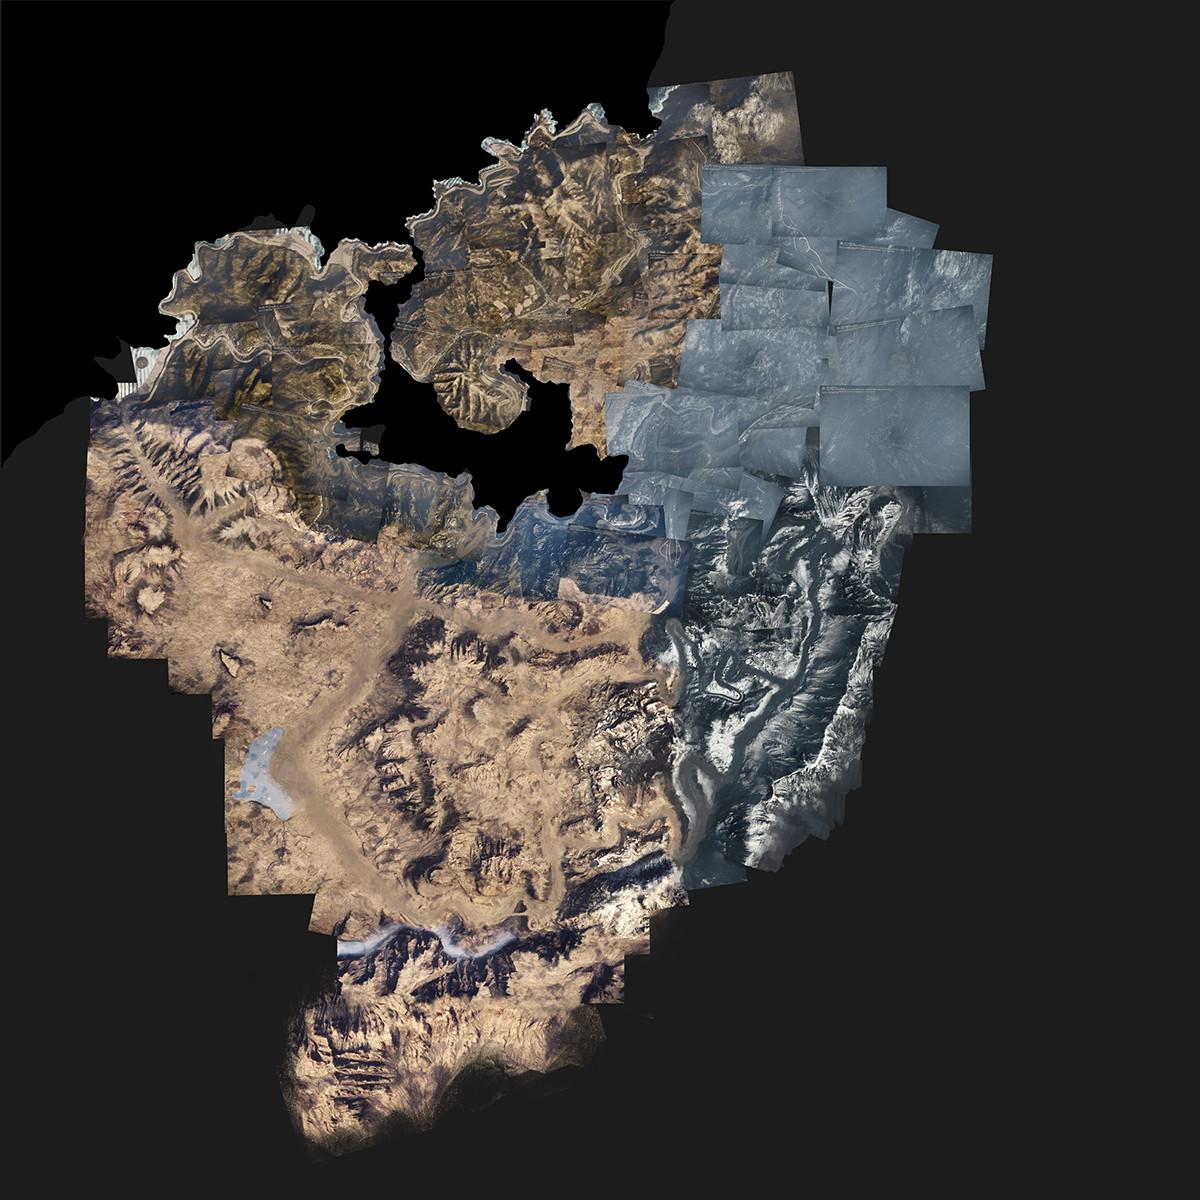 carlos-villarreal-kwasek-nfs14-map-v03-images